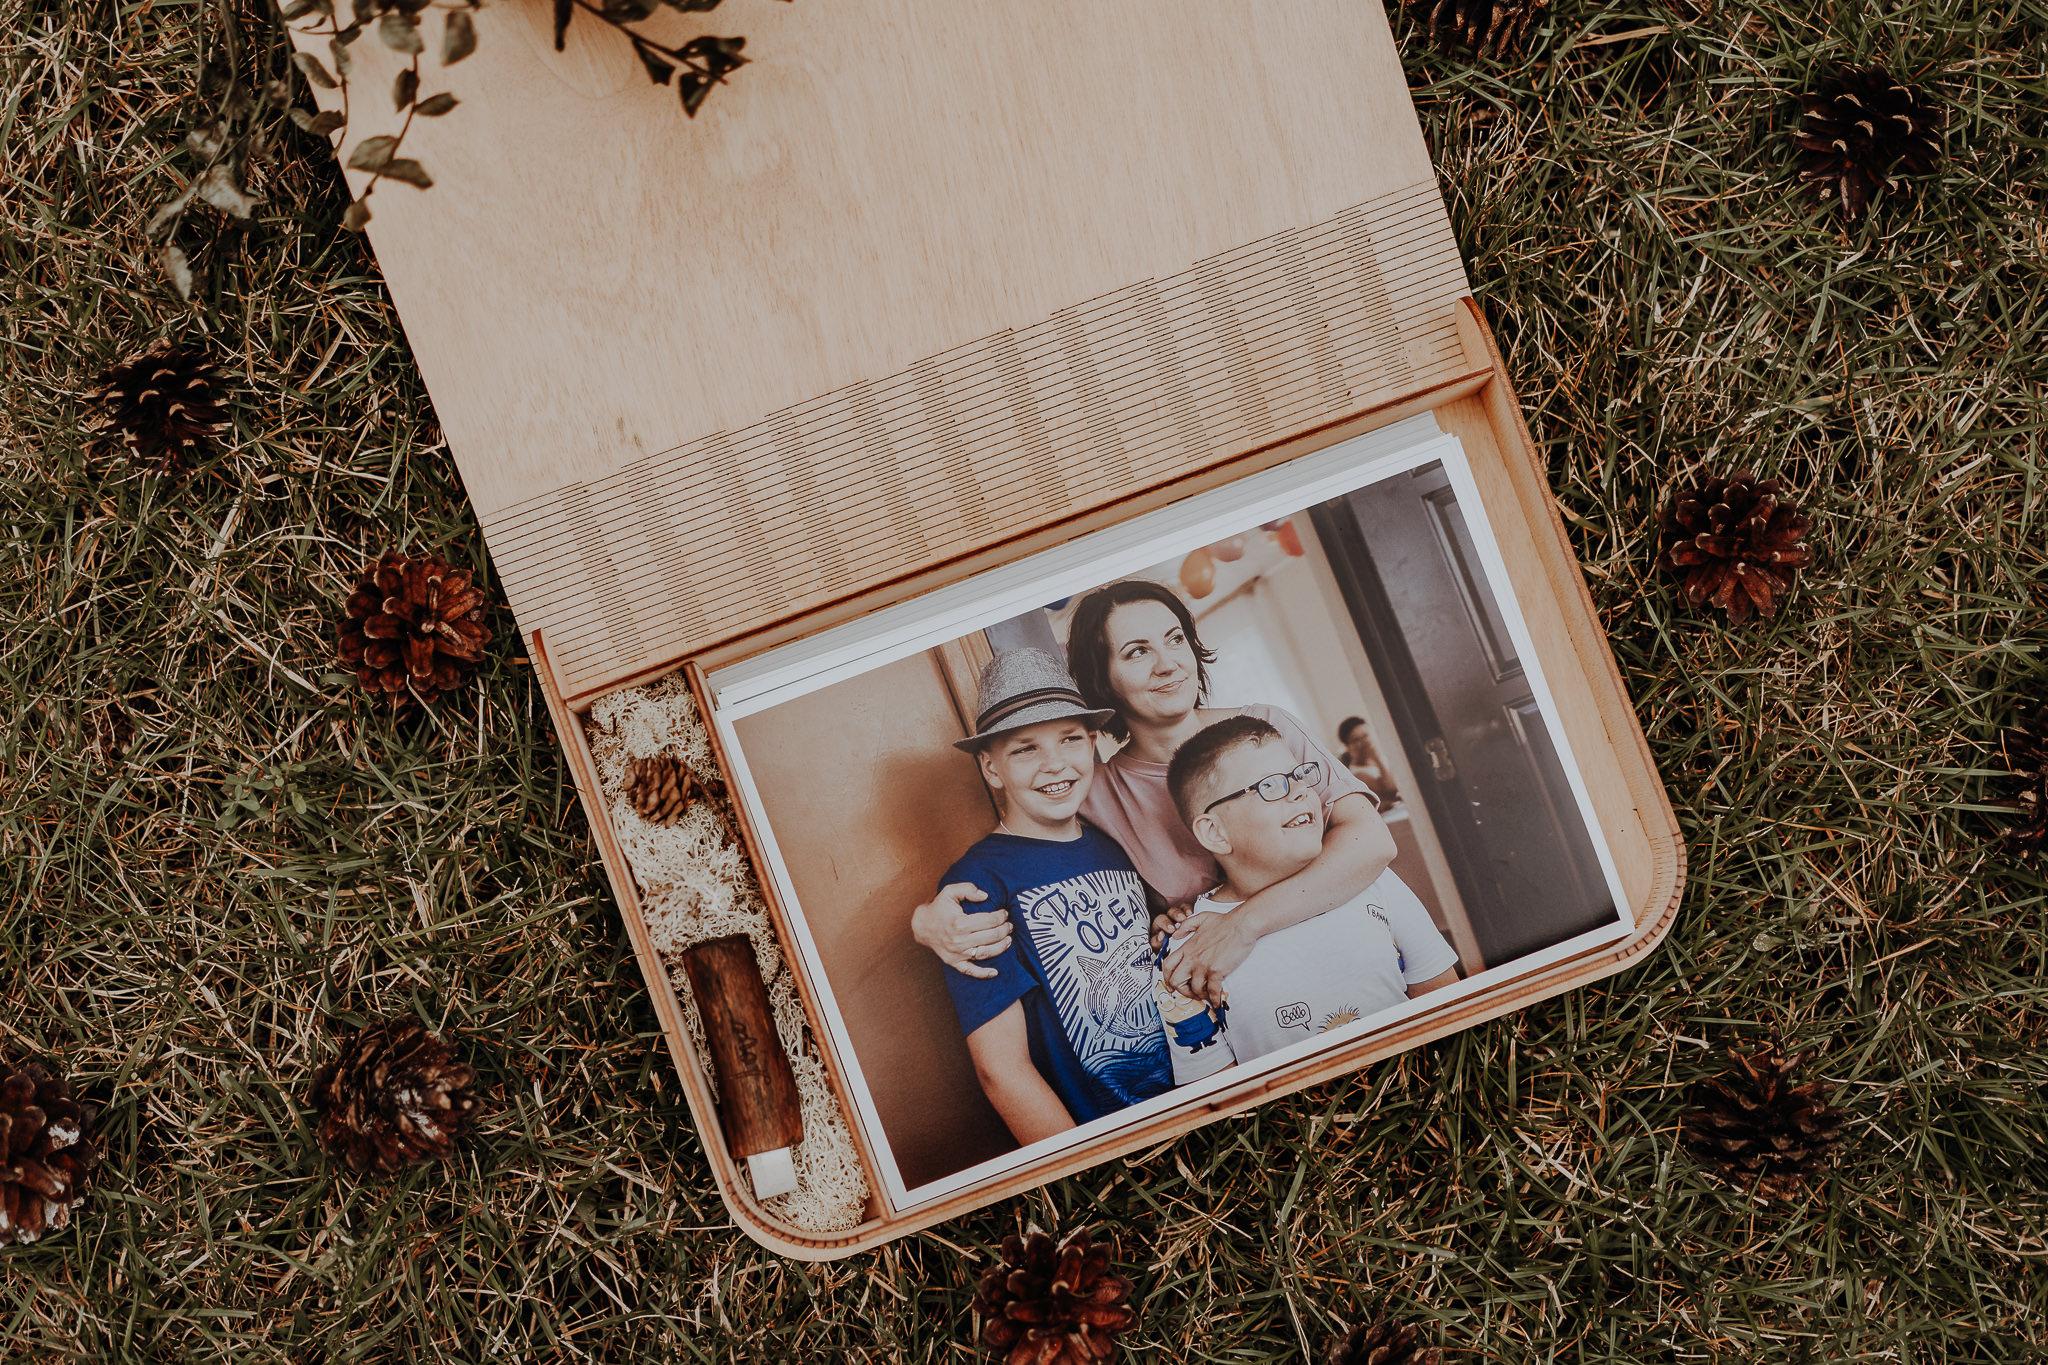 Zdjecia-w-drewnianym-pudelku-orlowski-photo-zdjecie-00047